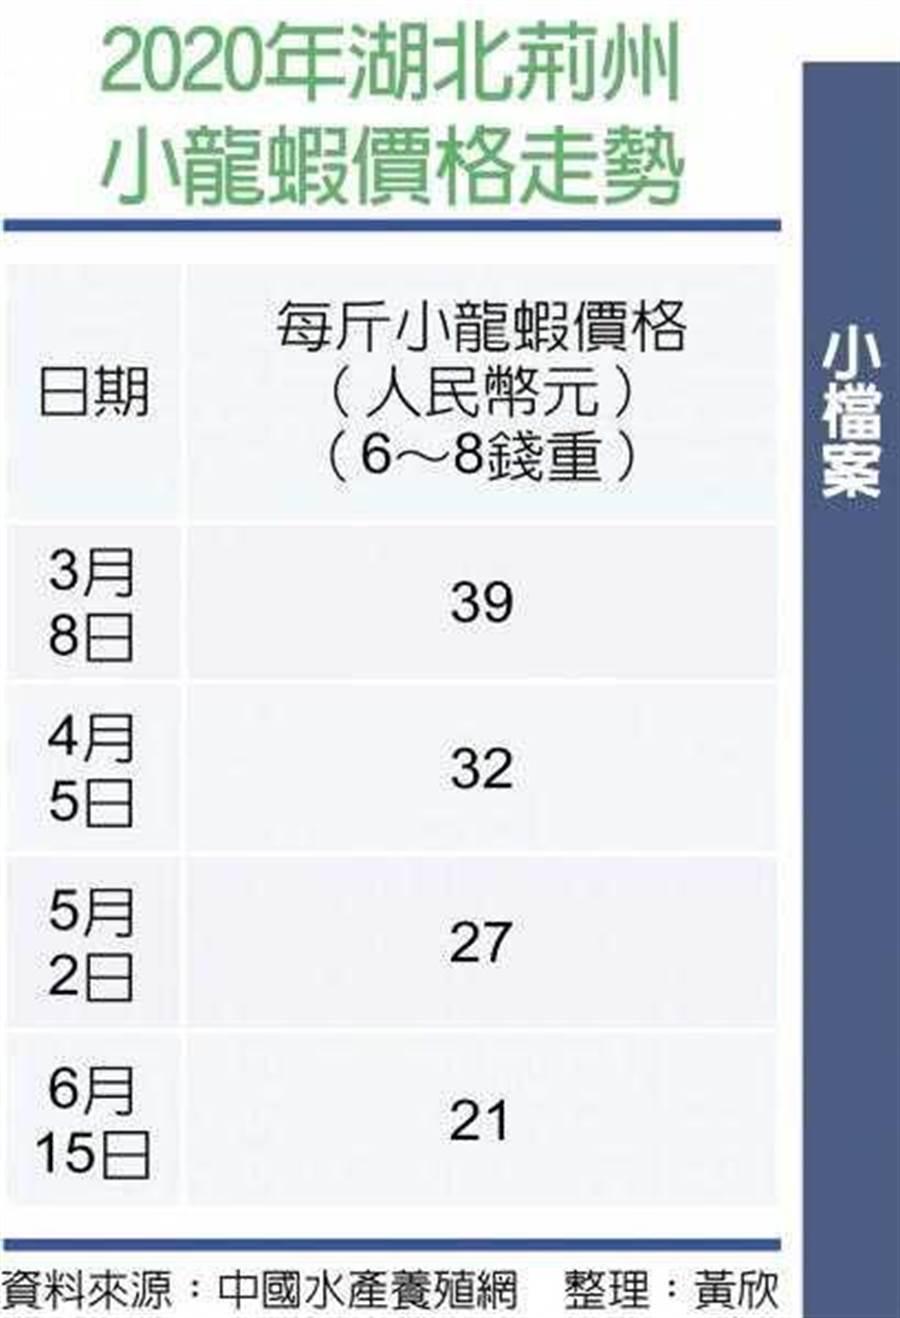 2020年湖北荊州小龍蝦價格走勢